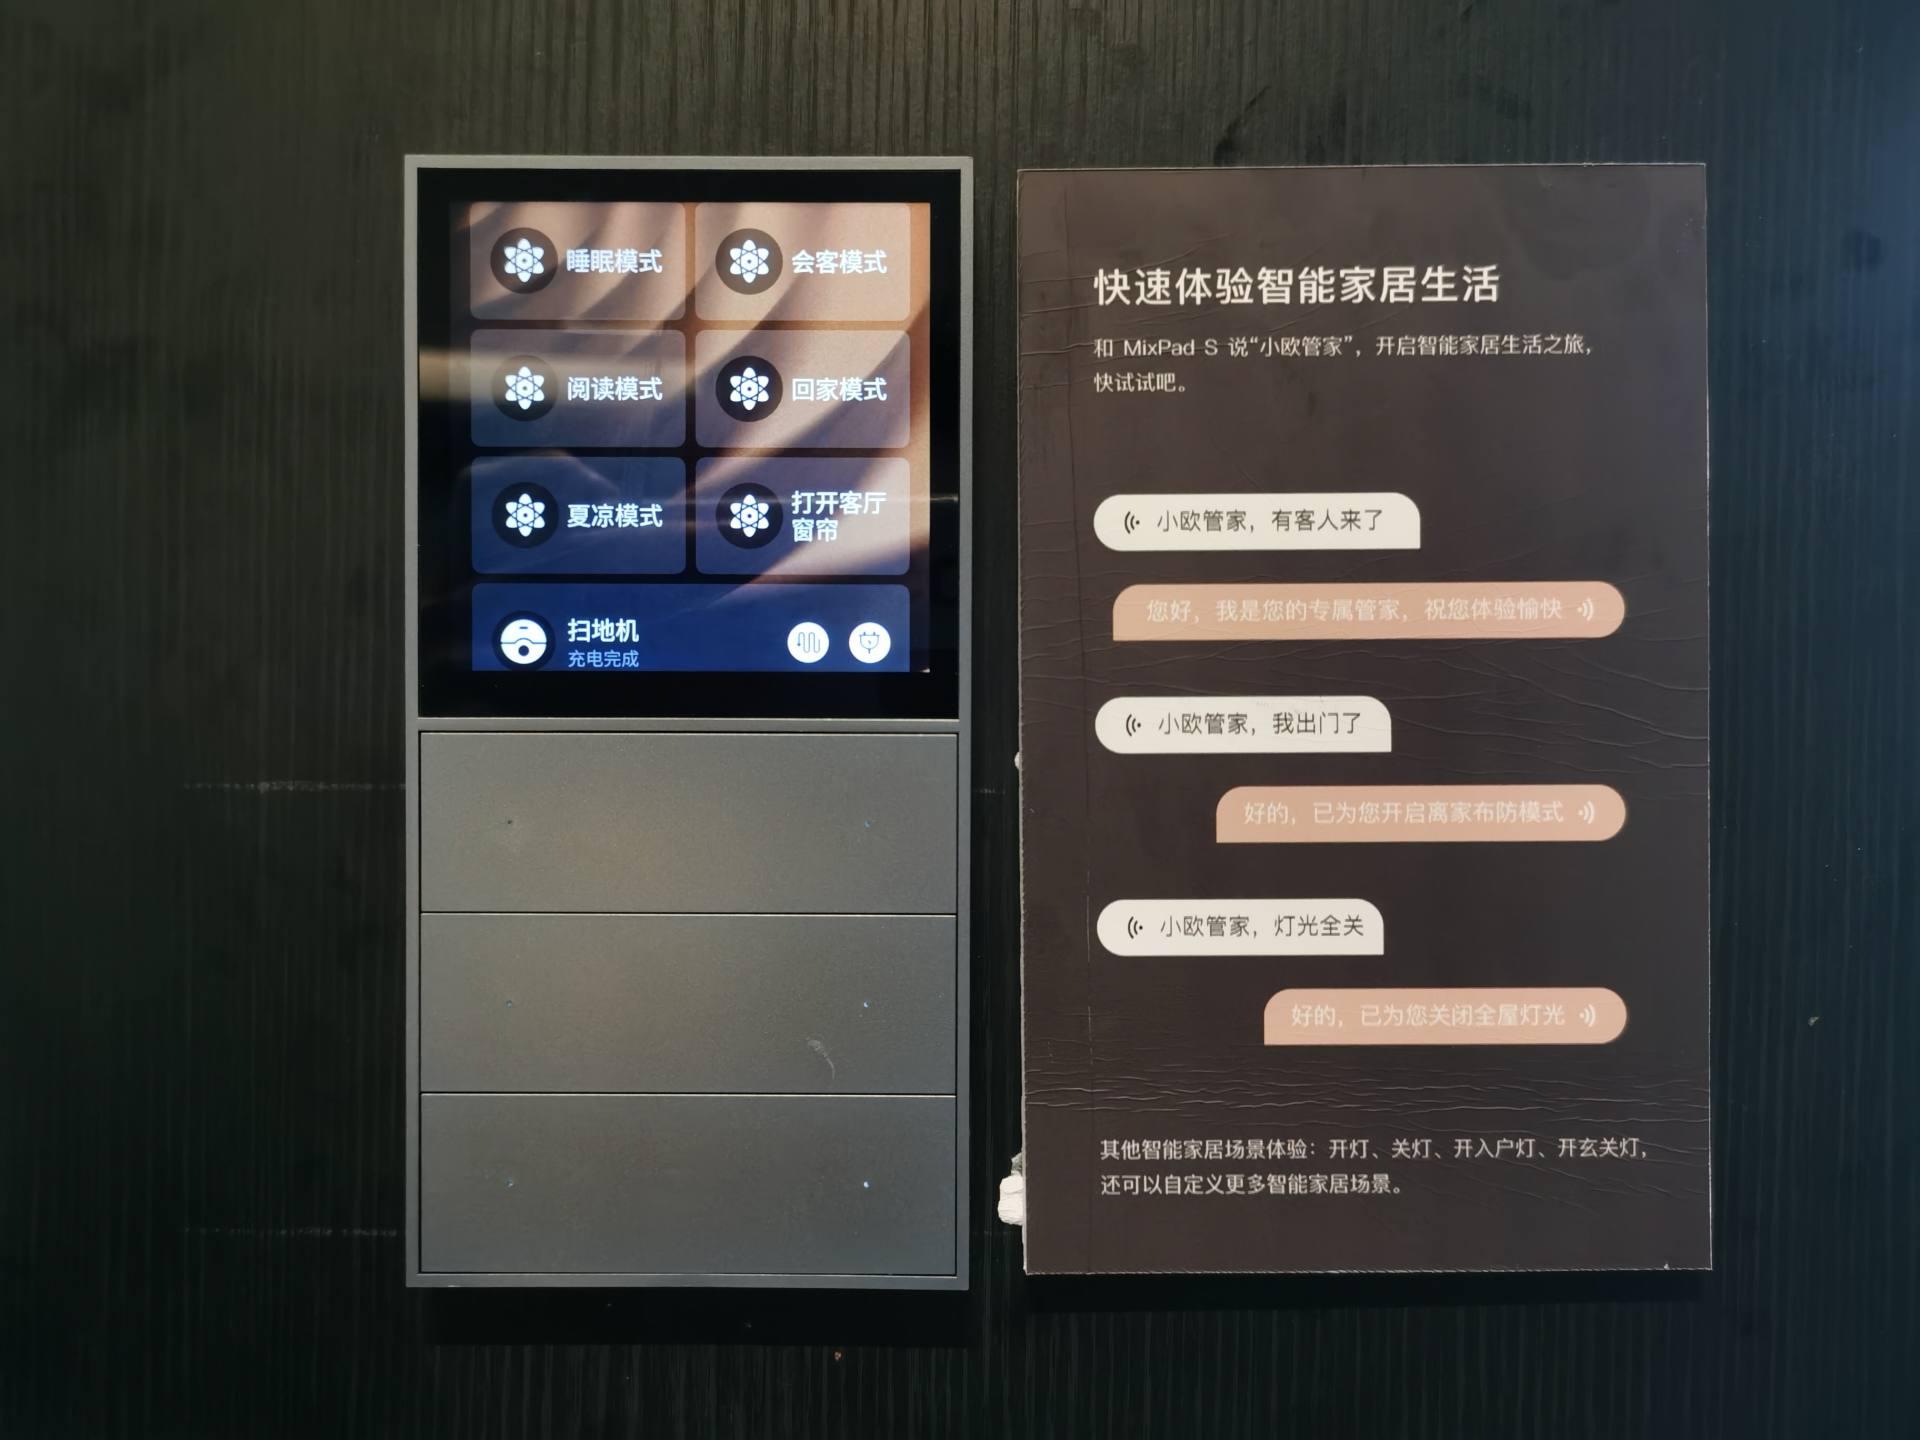 沈阳欧瑞博旗舰店探店之旅:全屋智能家居的直观体验,科技感十足